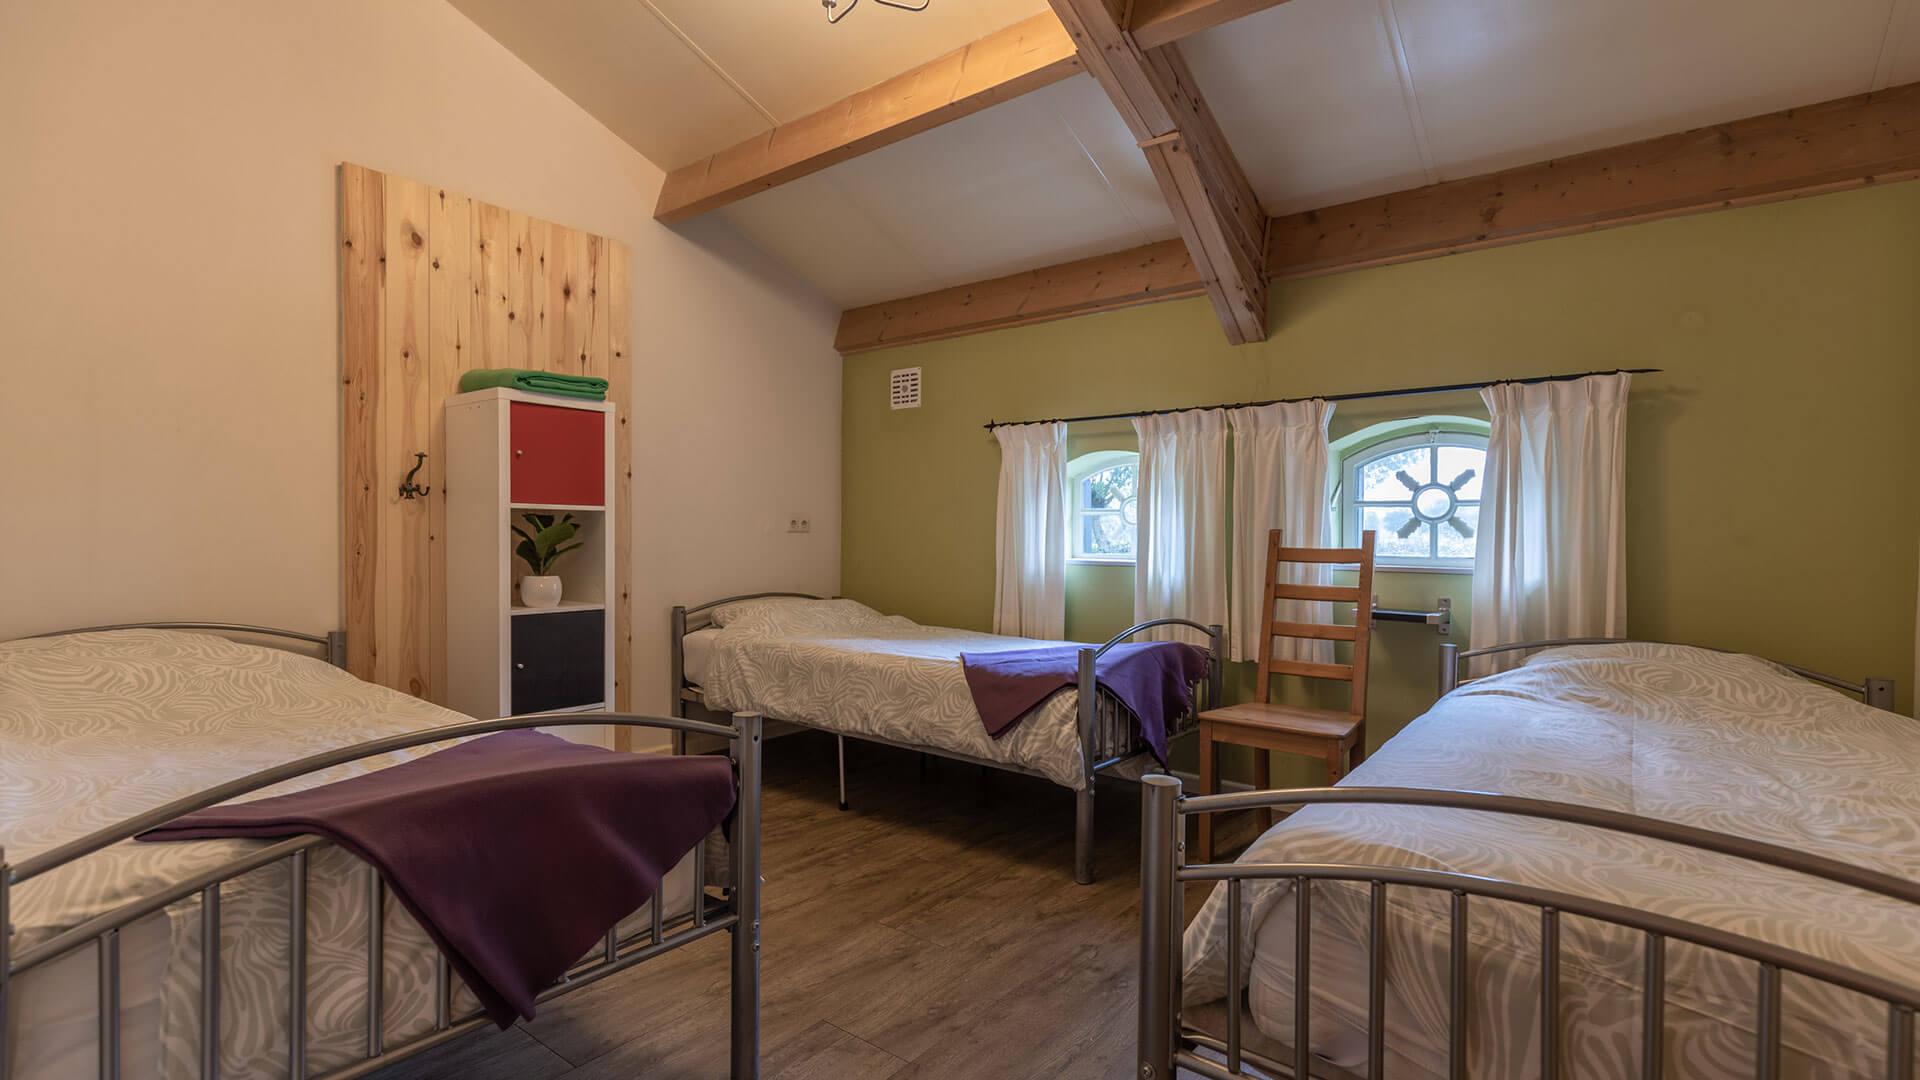 slaapkamer met 3 een persoons bedden